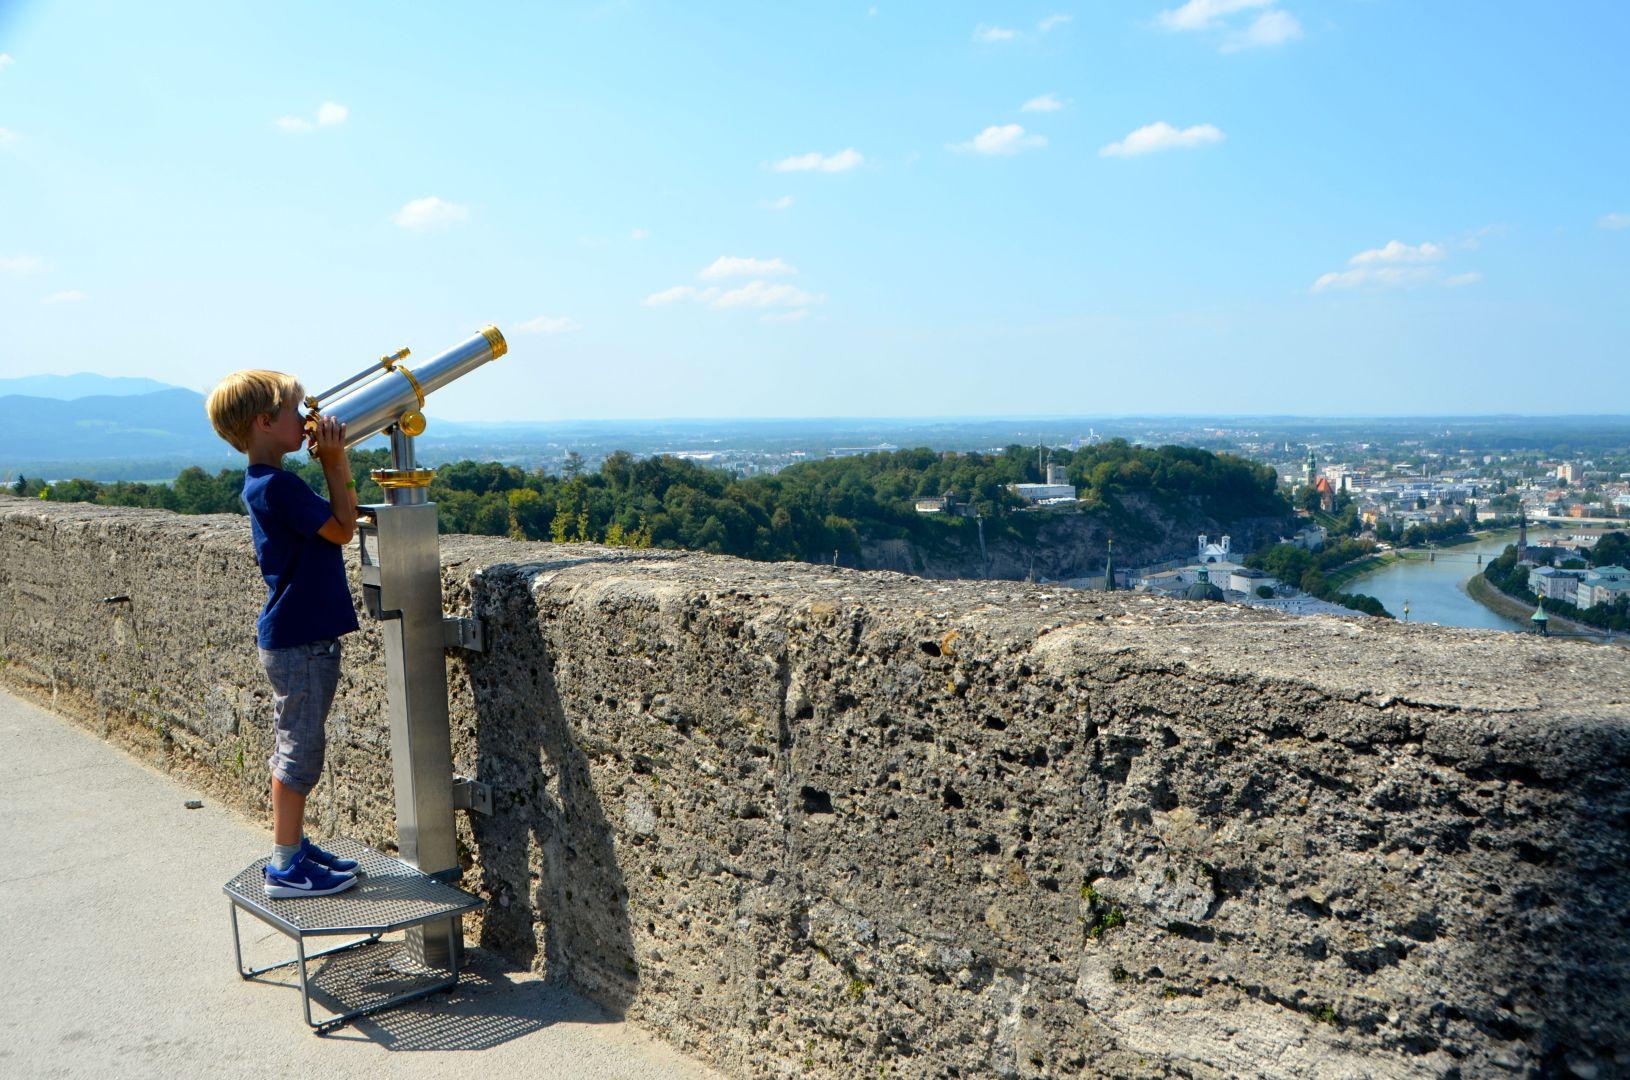 Op Festung Hohensalzburg